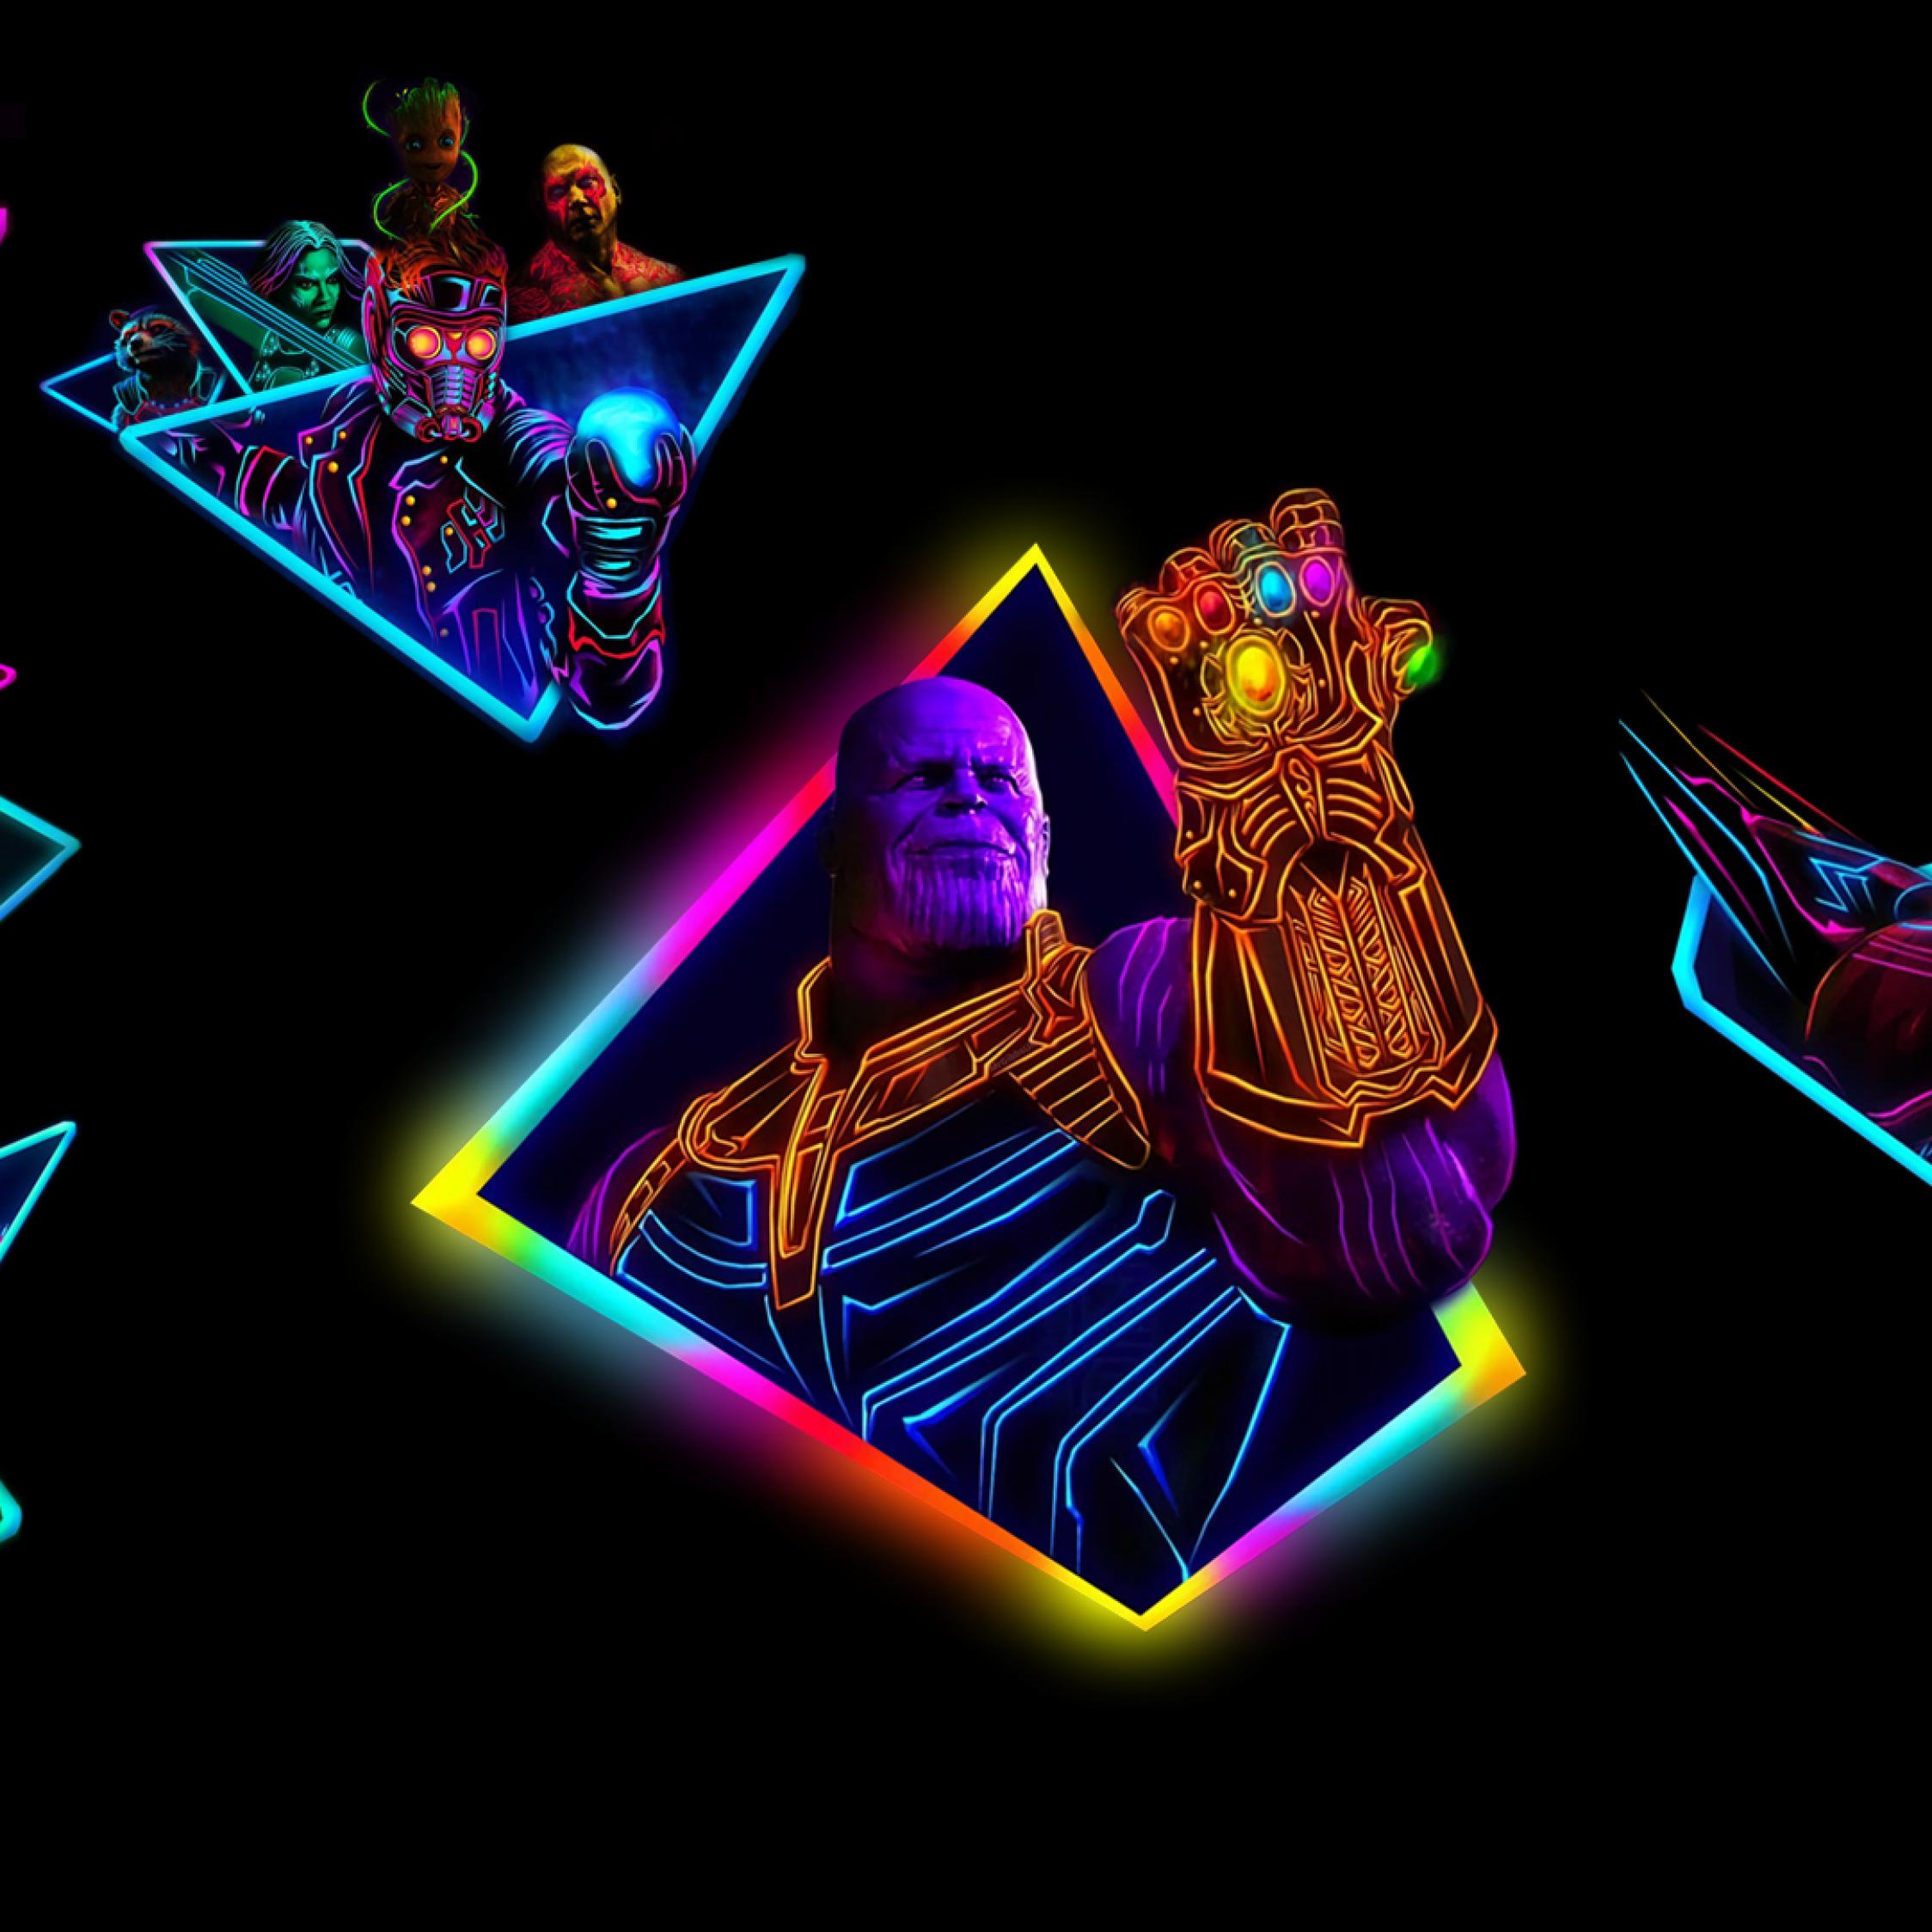 Tesla Model S 4k Hd Desktop Wallpaper For 4k Ultra Hd Tv: Download Avengers Infinity War 80s Neon Style Art